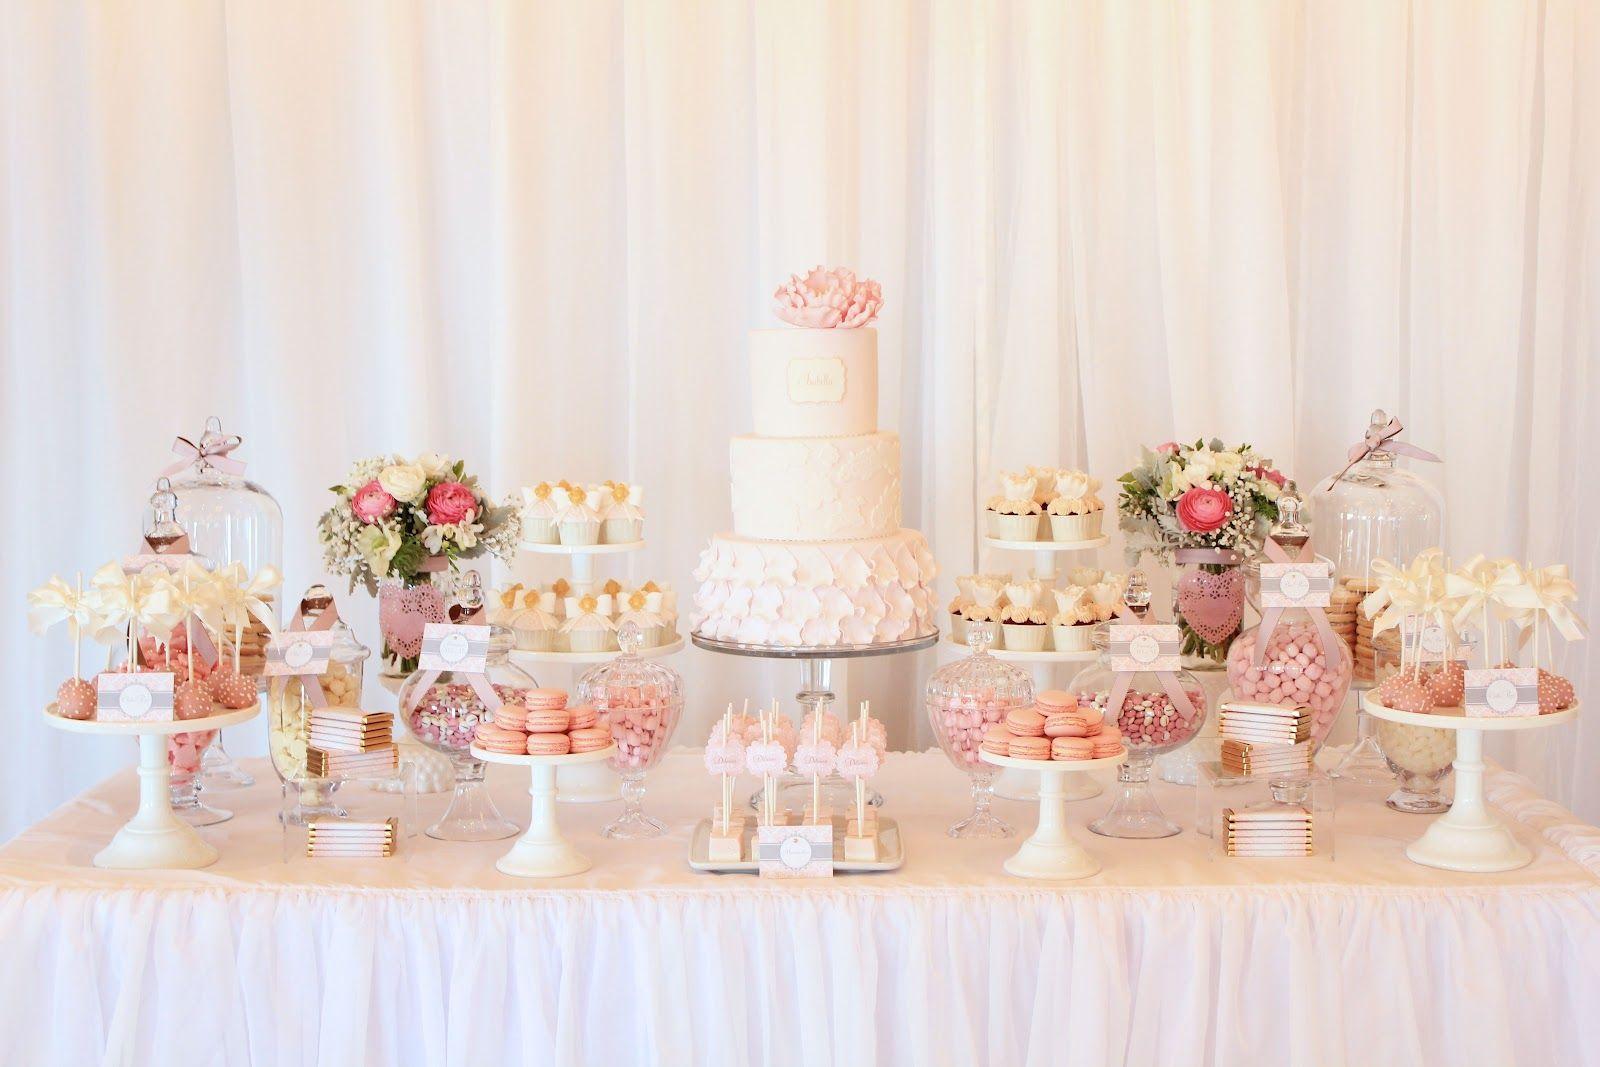 Isabellaus christening wedding ideas pinterest buffet set